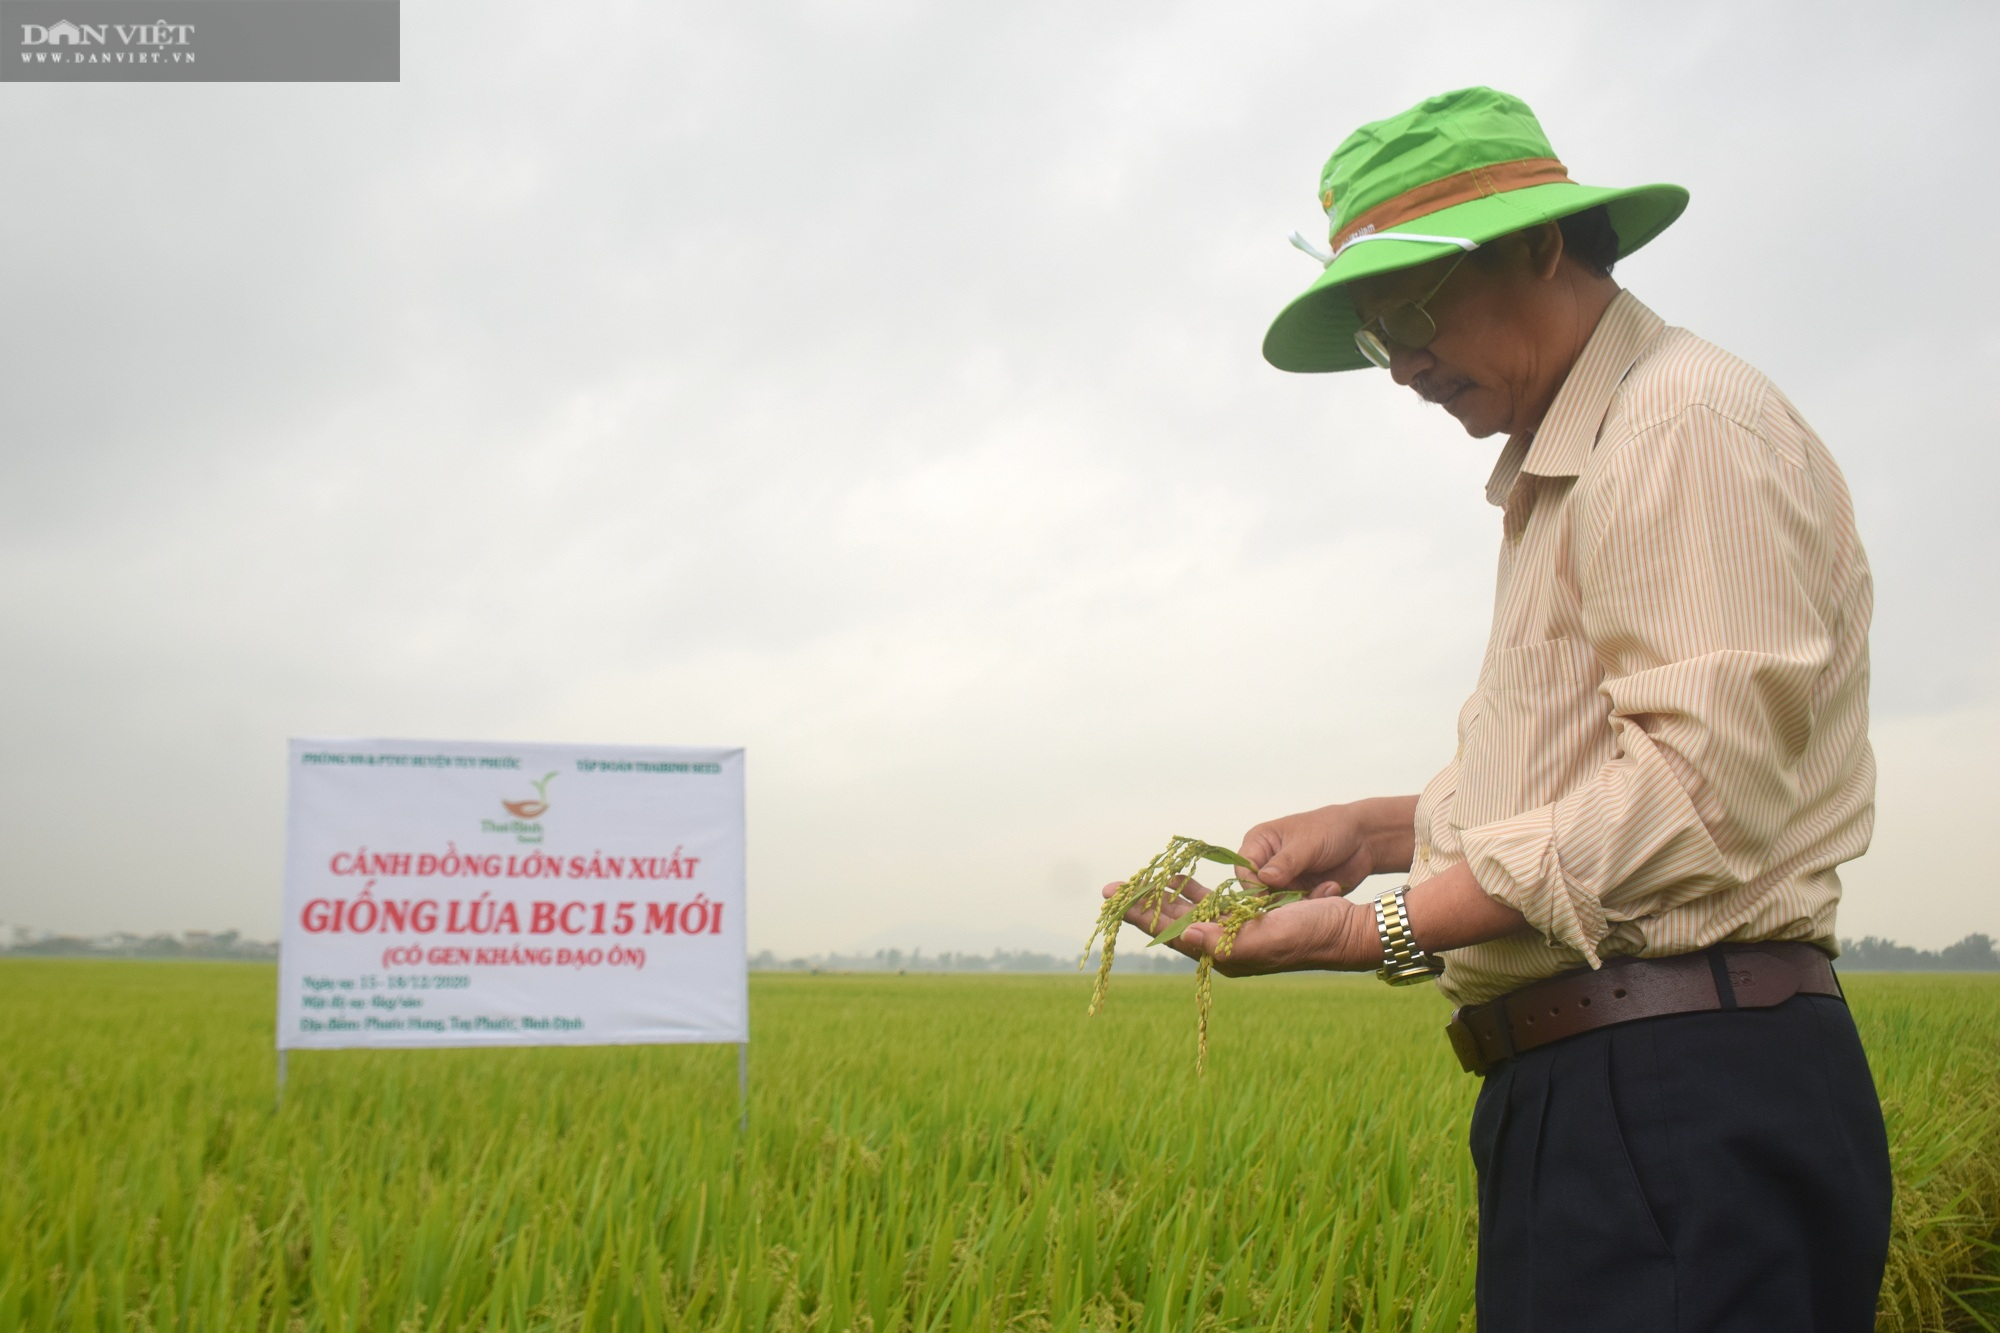 Hiệu quả bất ngờ từ giống lúa BC15 của ThaiBinh Seed trên đất Bình Định - Ảnh 2.